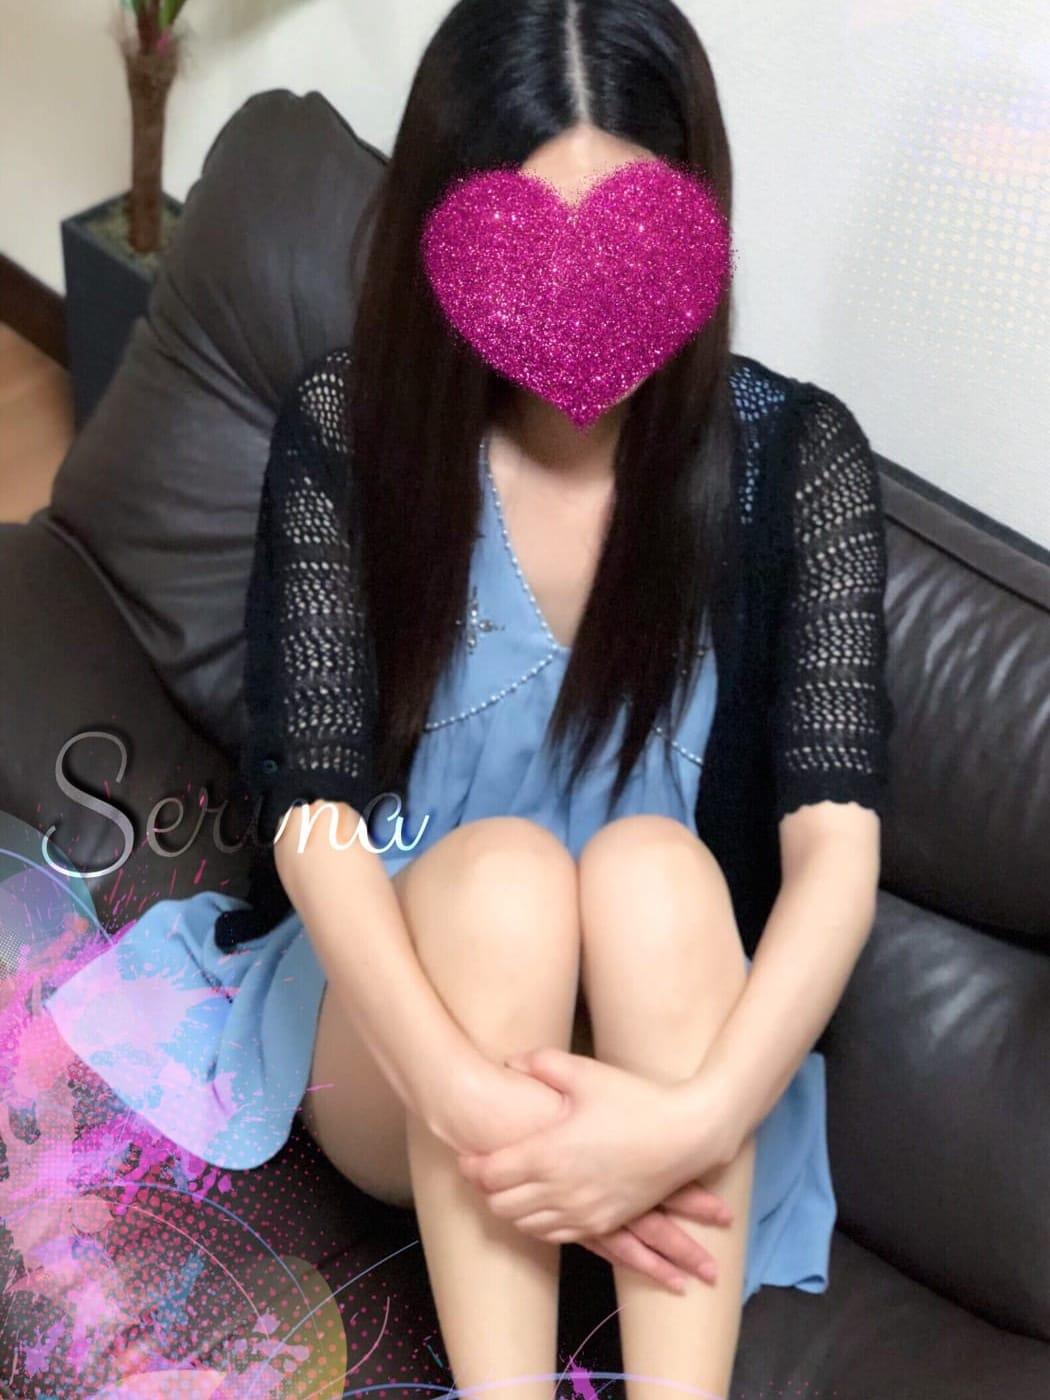 SERINA(セリナ)【驚愕の超モデル体型ルックス◎】